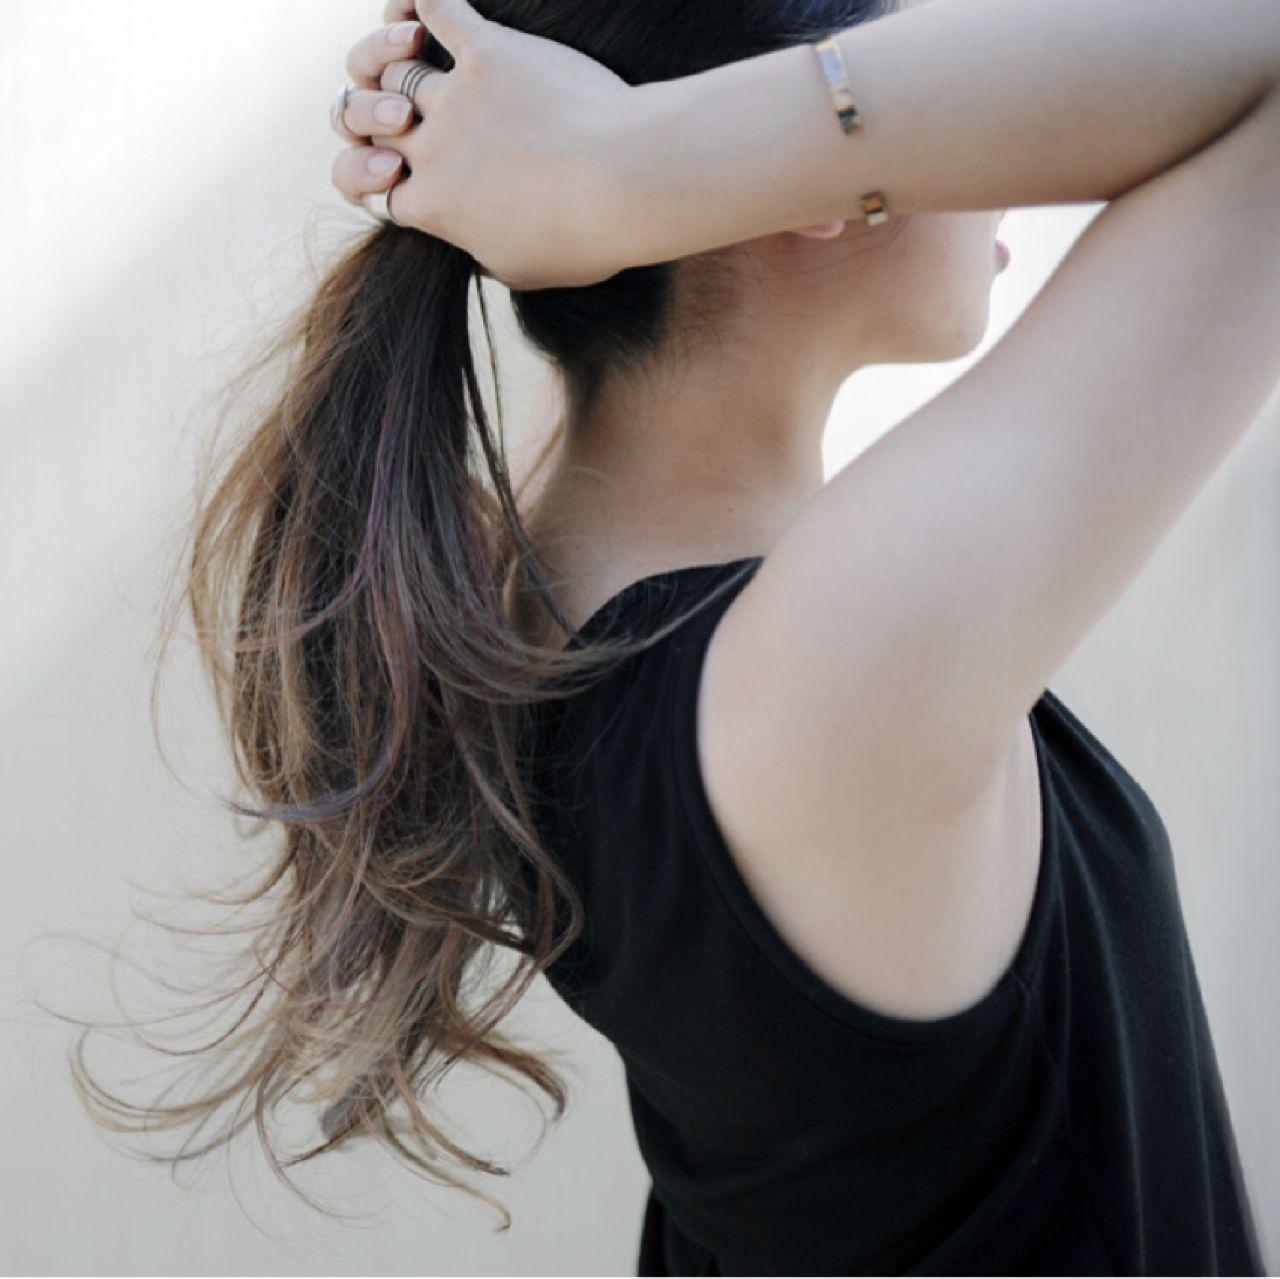 大注目の暗髪×グラデーションまとめ♡ポイントは毛先とハイライト 細井 豊 HEAVENS